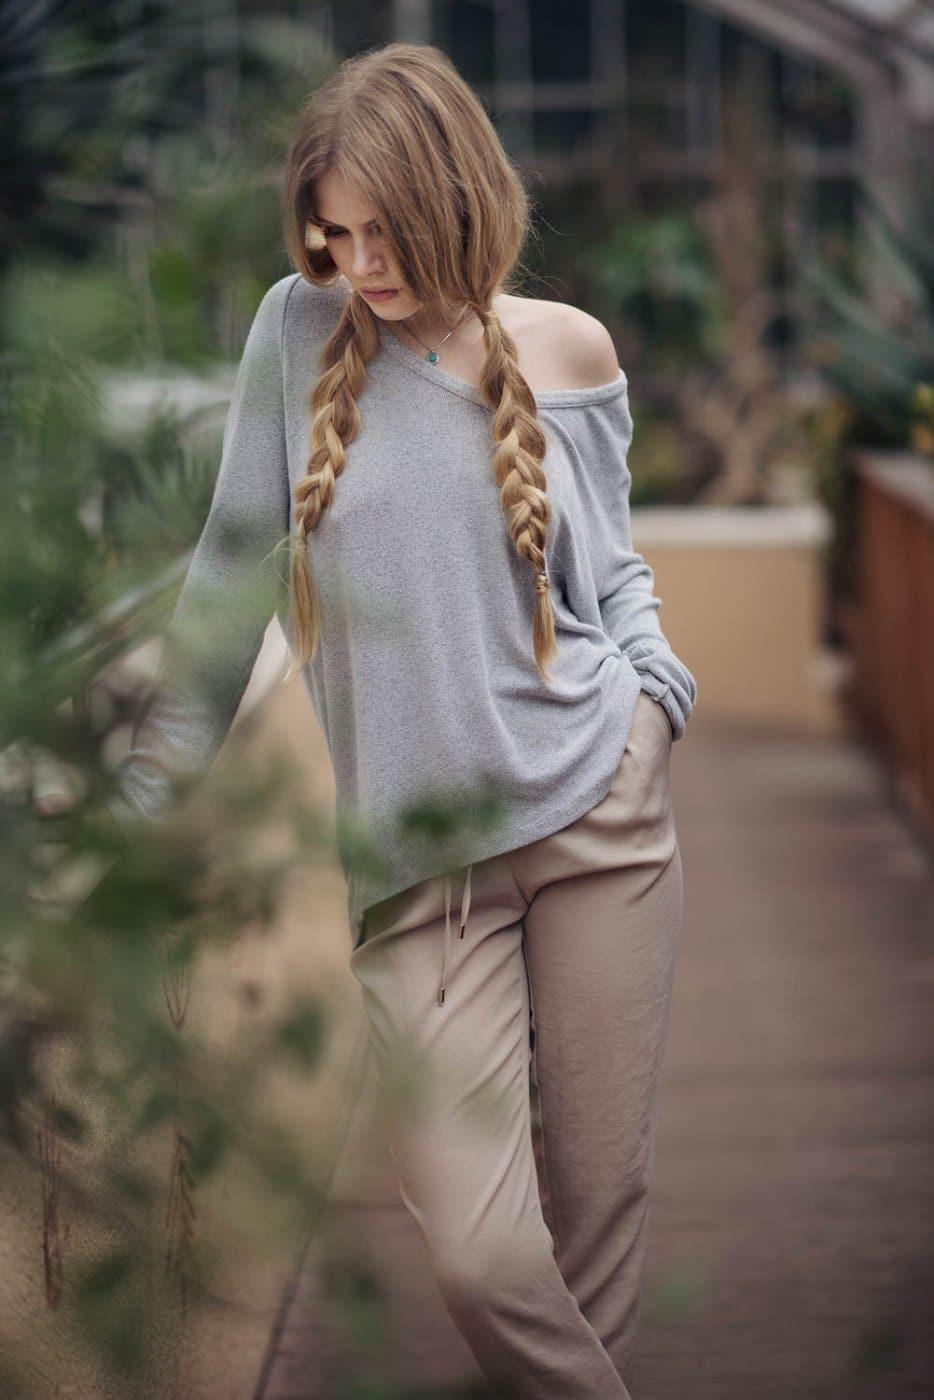 Fashion Portrait Photography By Anastasia Vervueren Plantentuin Meise